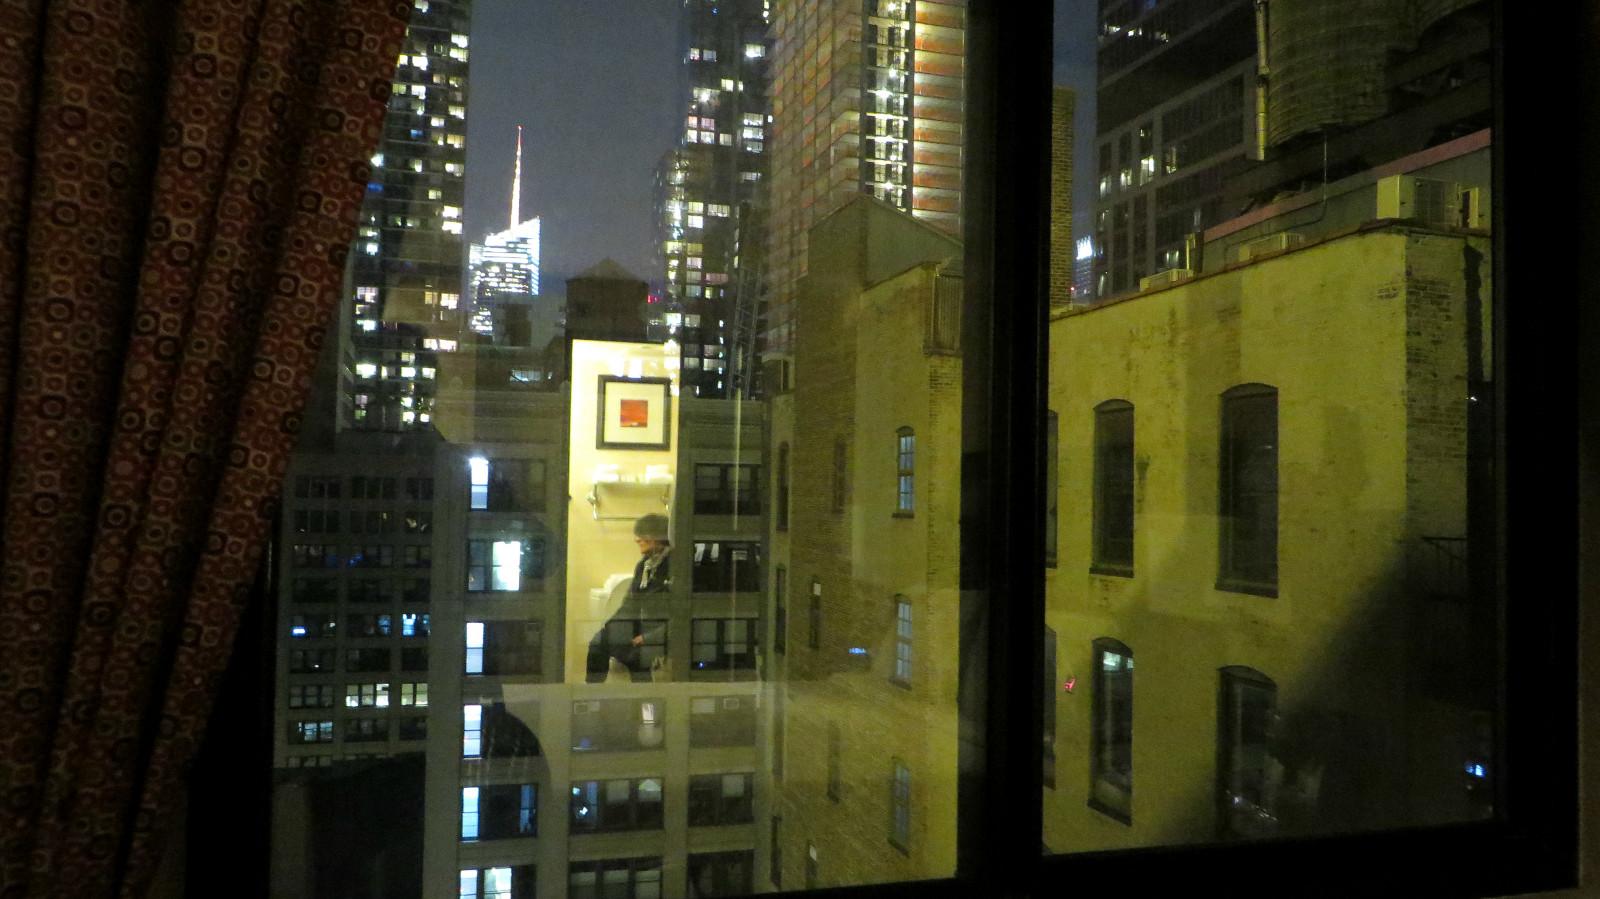 fenster stadt stadtbild nacht